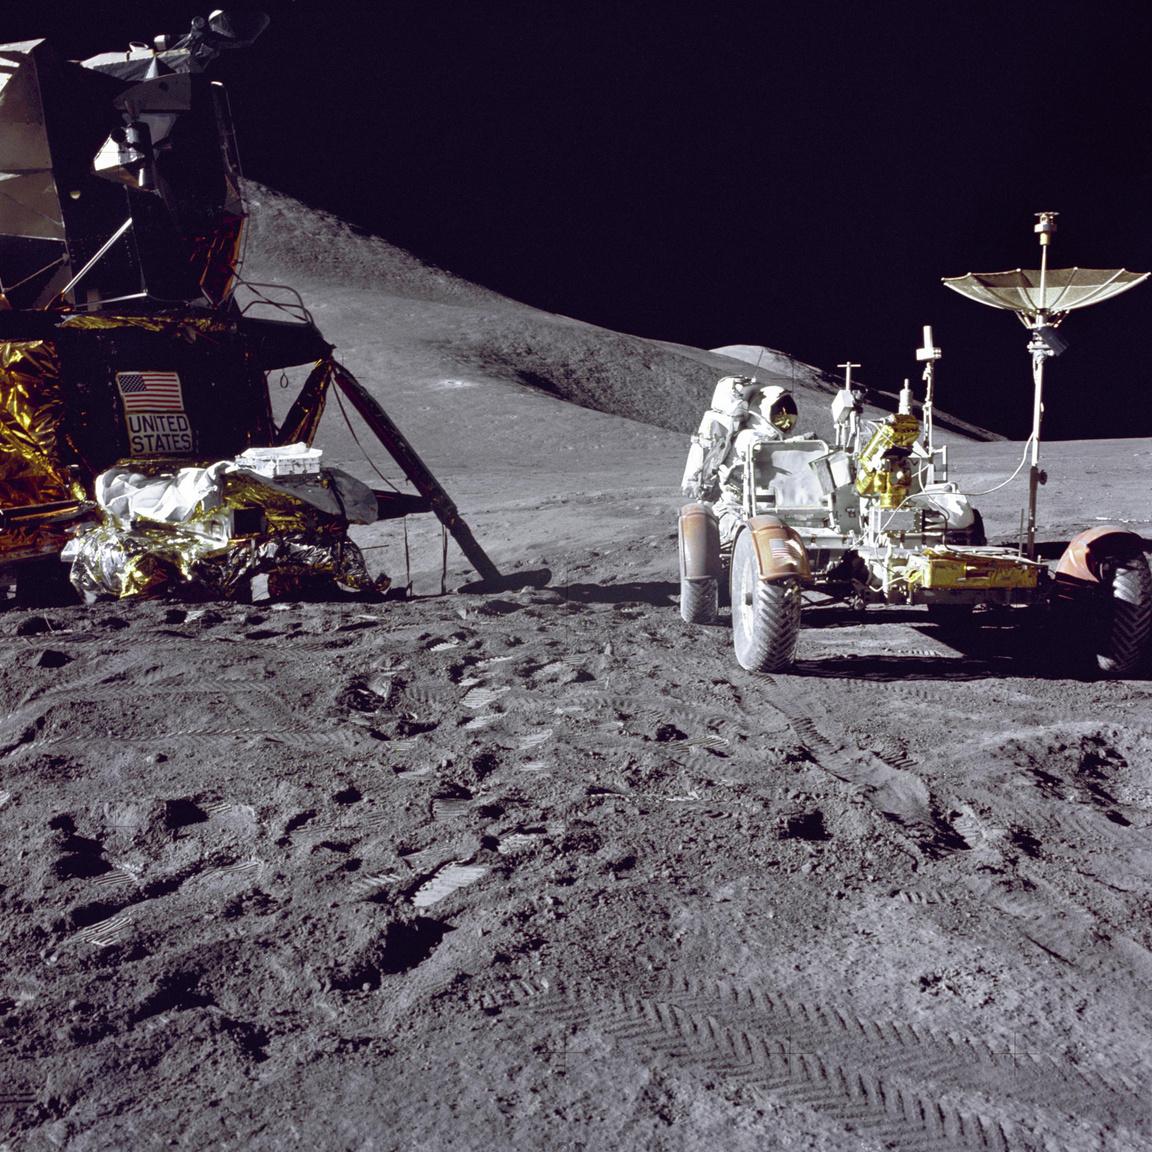 """A leszállóegység pilótája, Jim Irwin felkészíti a már összeállított holdjárót az Apollo-15 első holdsétájára. A holdjáró úgy lett kialakítva, hogy """"lapra hajtva"""" elférjen a holdkomp oldalában és rugós szerkezetének segítségével 20 perc alatt összeállíthassák az űrhajósok. A holdjáró széthajtogatta magát, még kerekeit is irányba állította, az űrhajósoknak csupán az üléstámlákat és a kormányoszlopot kellett helyükre tenni és a mérőeszközöket, felszerelést felpakolni."""